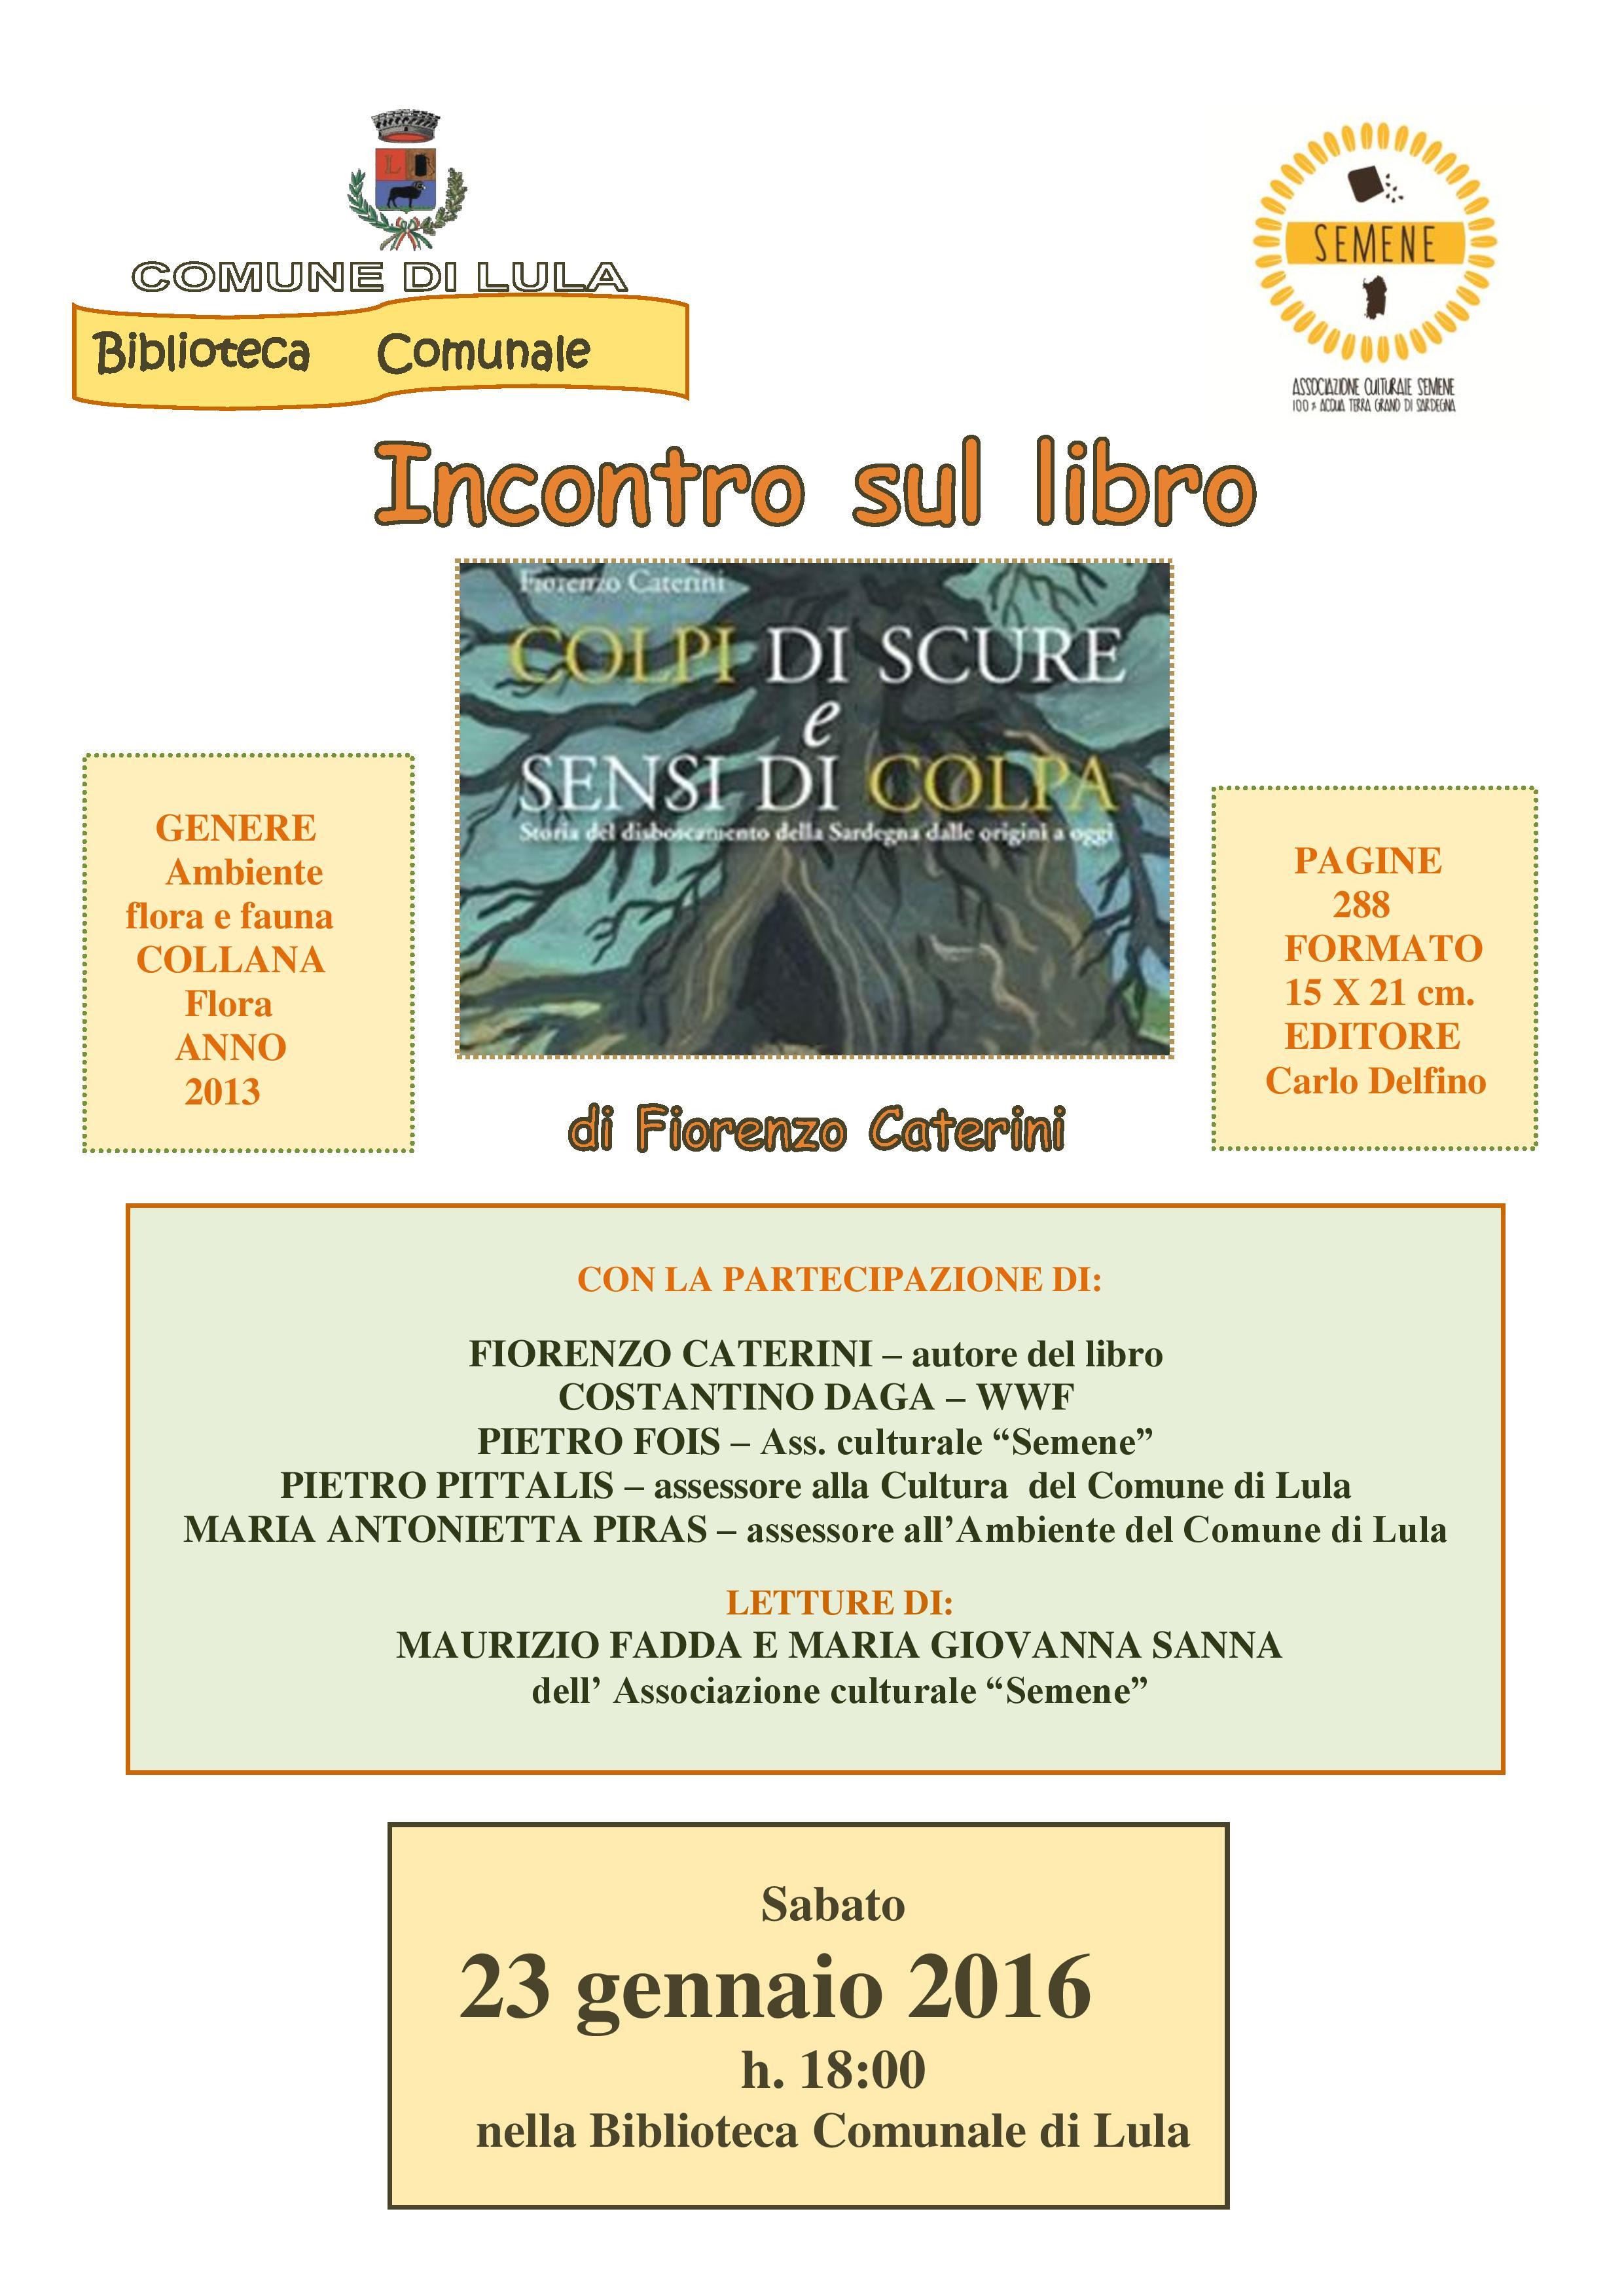 Presentazione del libro 'Colpi di scure e sensi di colpa' di Fiorenzo Caterini